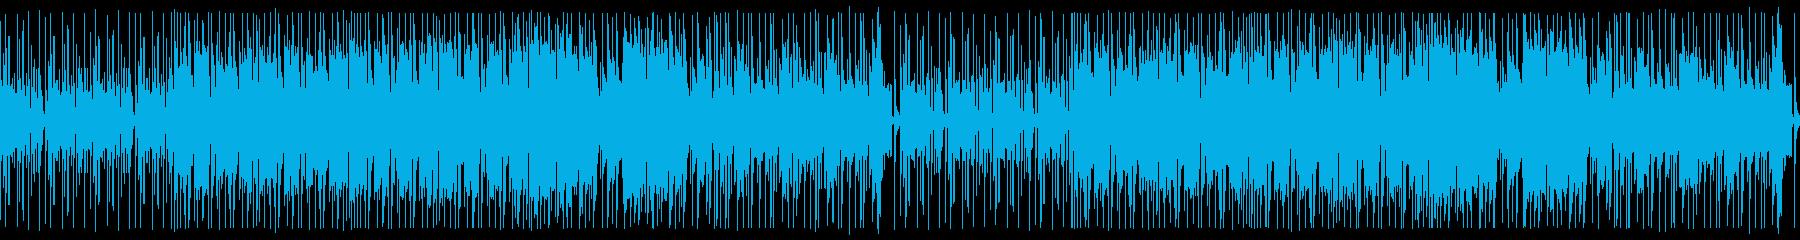 【ループ版】YouTube エレキの再生済みの波形